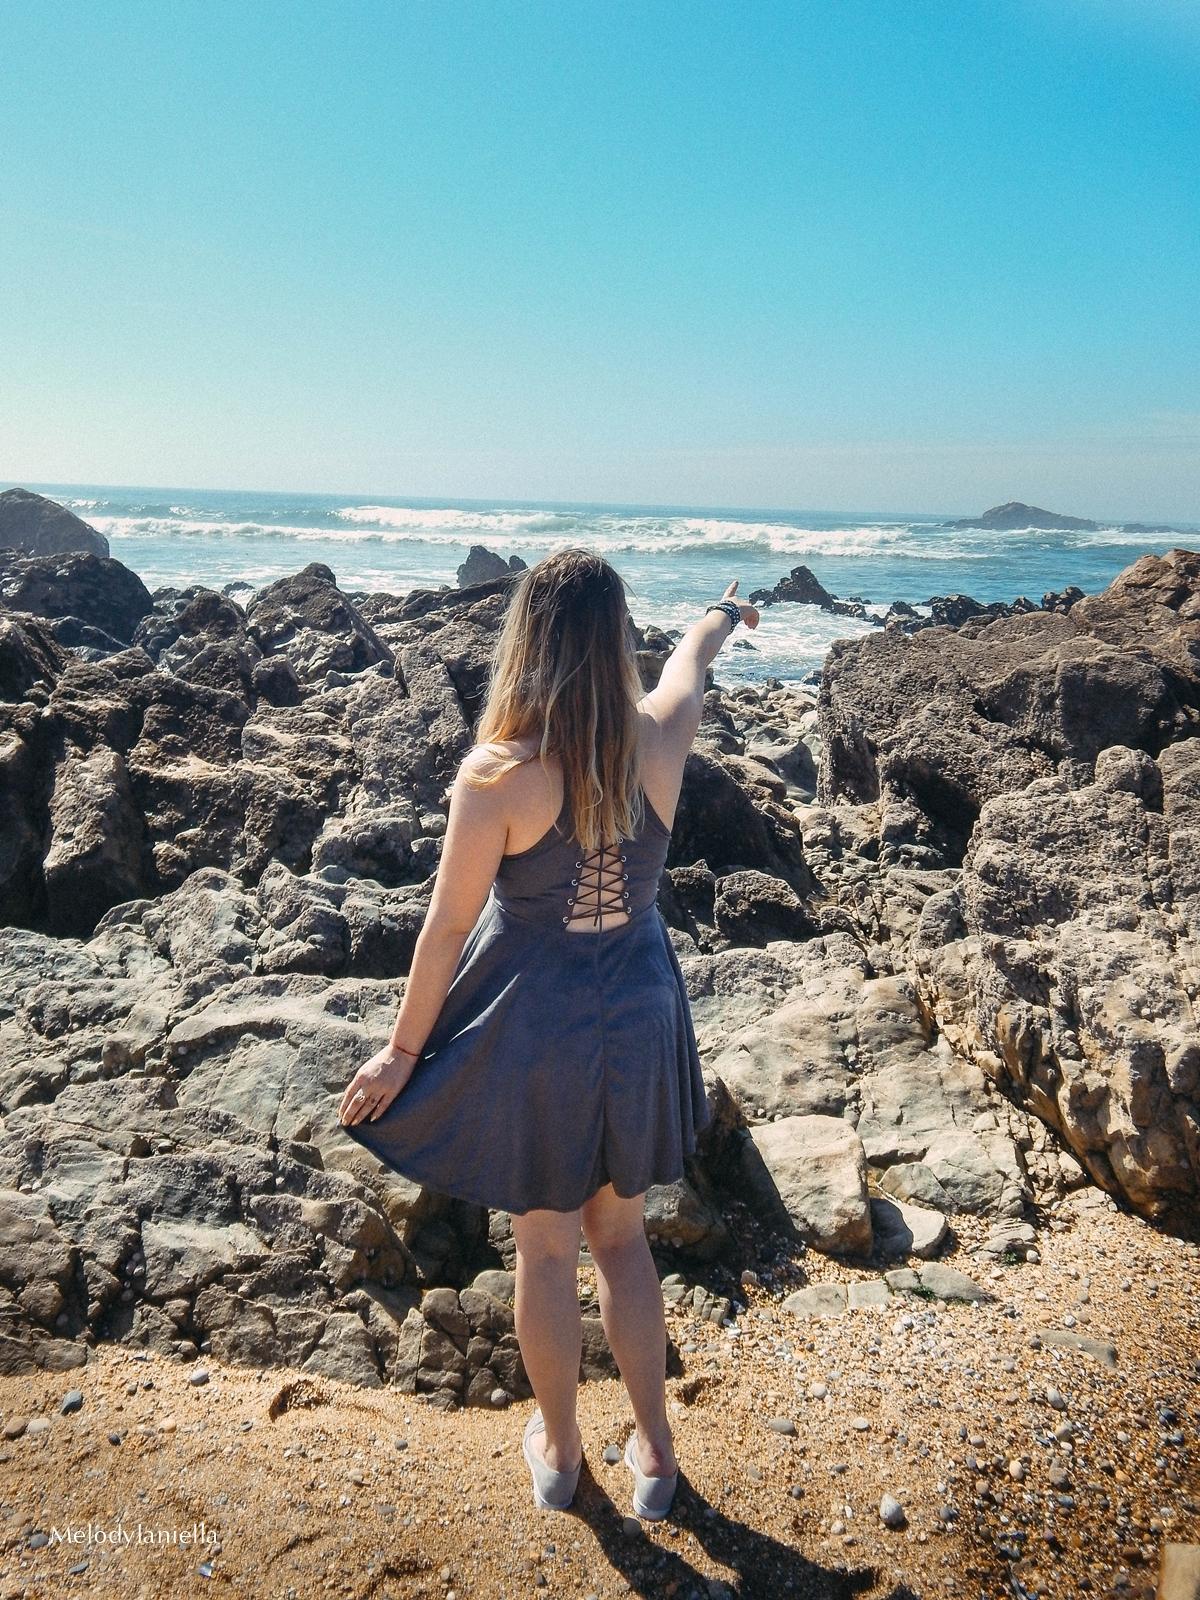 12a 12 stylizacja porto portugalskie plaże co zobaczyć w portugalii szara sukienka sznurowana na plecach sukienka z zamszu szare sukienki sznurowania jaka sukienka dla blondynek mini szare espadryle biżute